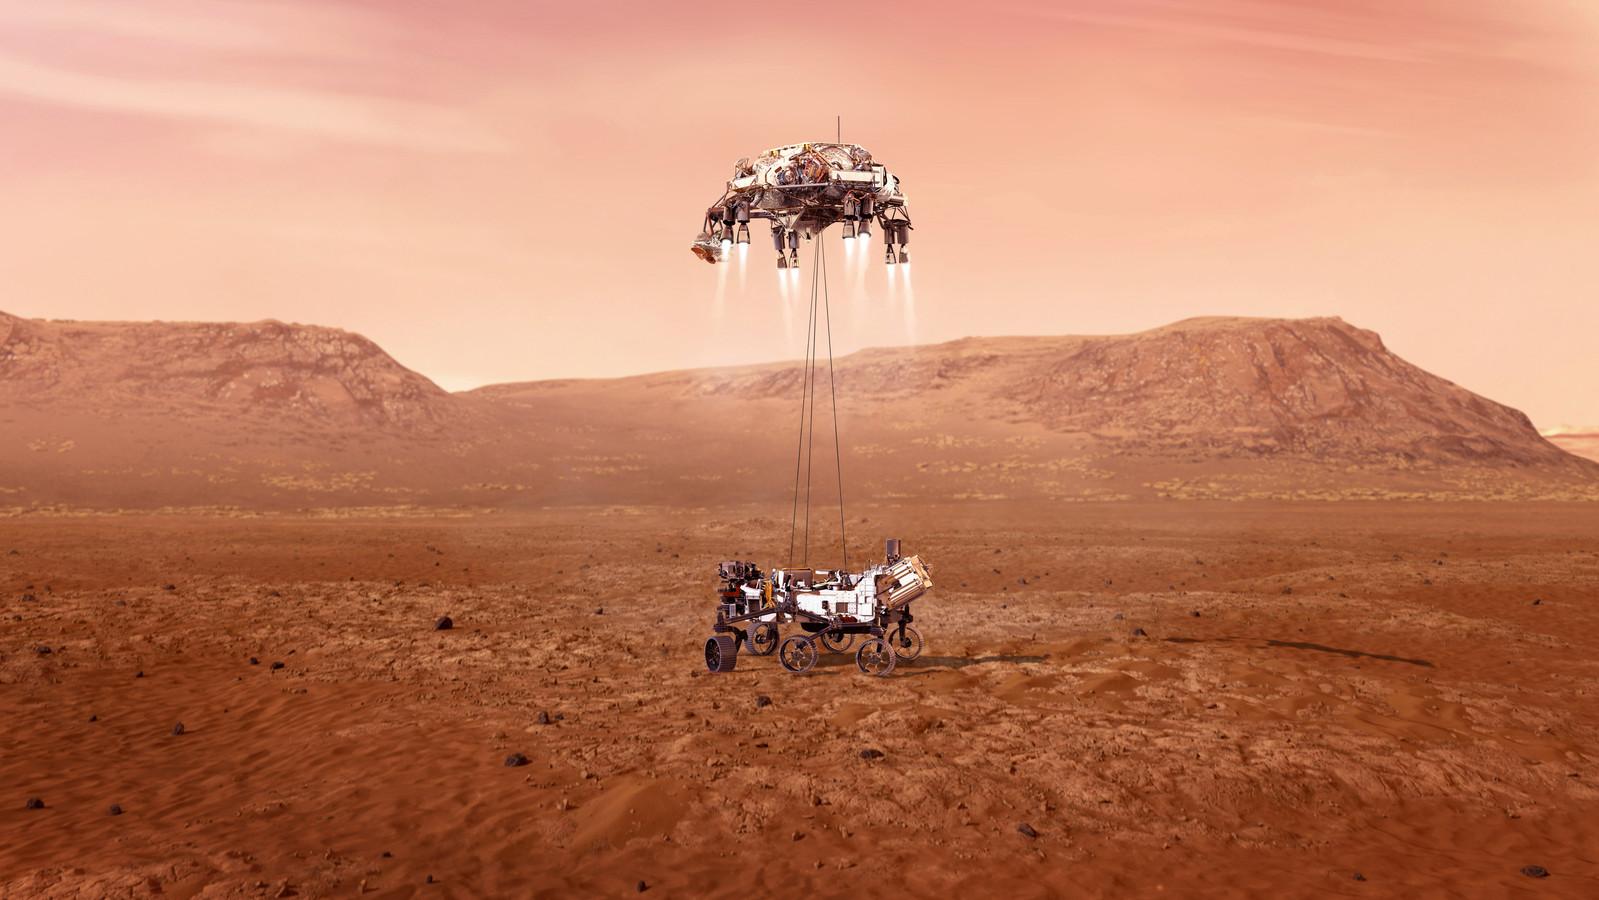 Artist impression van de landing van het Amerikaanse Marskarretje Perserverance, dat, als alles goed gaat, donderdag 17 februari met de wielen het Marsstof zal raken.